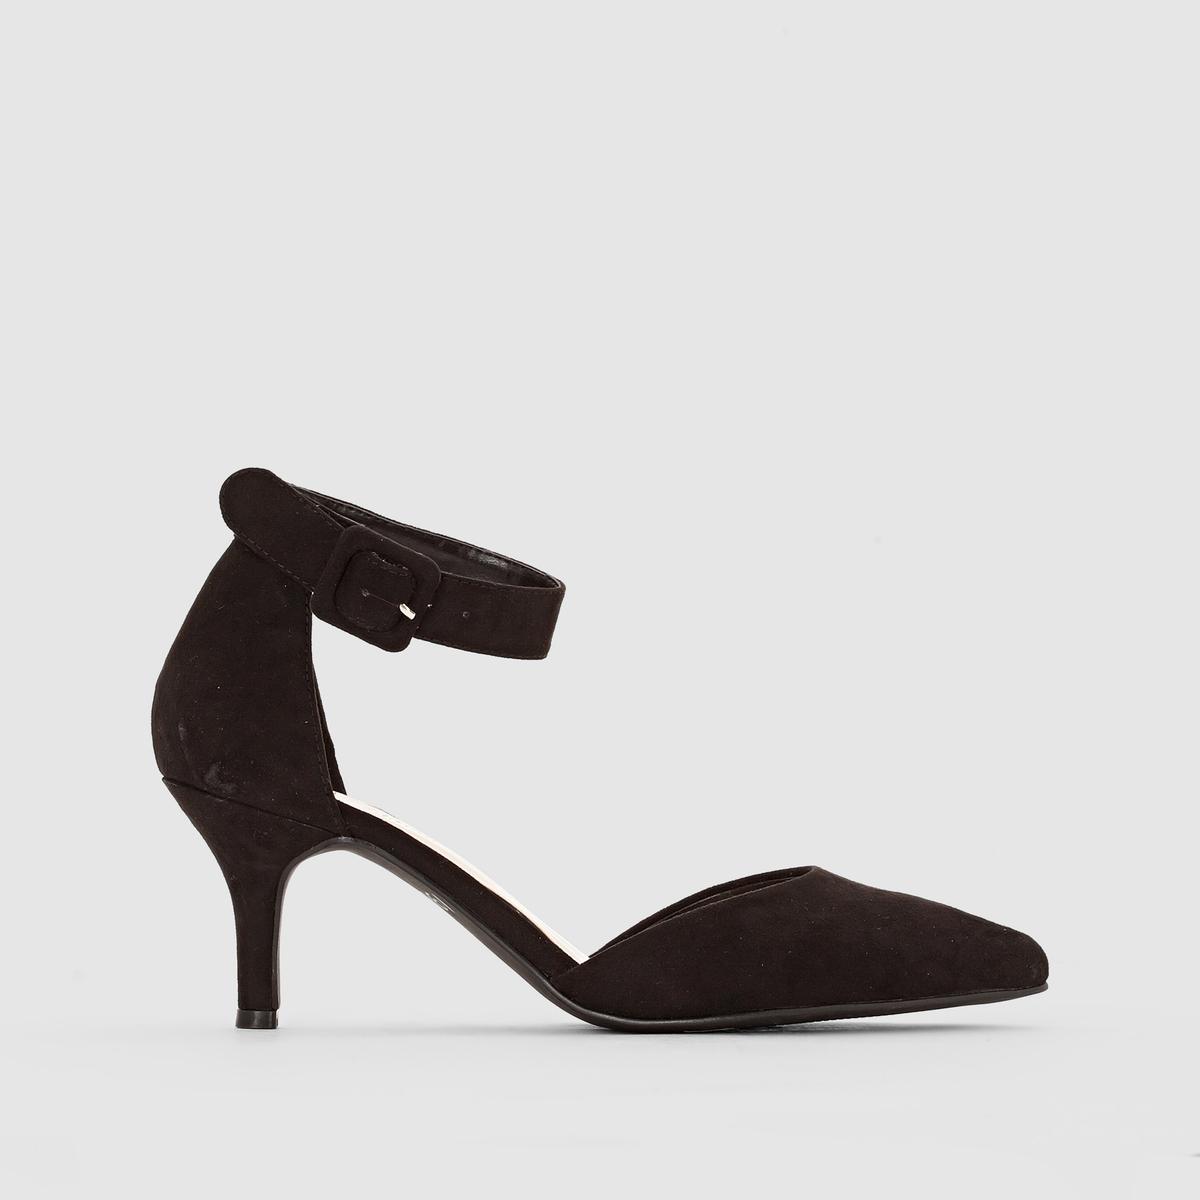 Туфли-лодочки с ремешкамиПодкладка : синтетика     Стелька : синтетика      Подошва : эластомер     Высота каблука : 10,5 см      Застежка : ремешок с пряжкой     Марка: R Edition.     Преимущества : сложно представить себе более модные туфли, чем эти лодочки: узкий носок, высокий каблук и ремешок вокруг щиколотки.<br><br>Цвет: фиолетовый,черный<br>Размер: 40